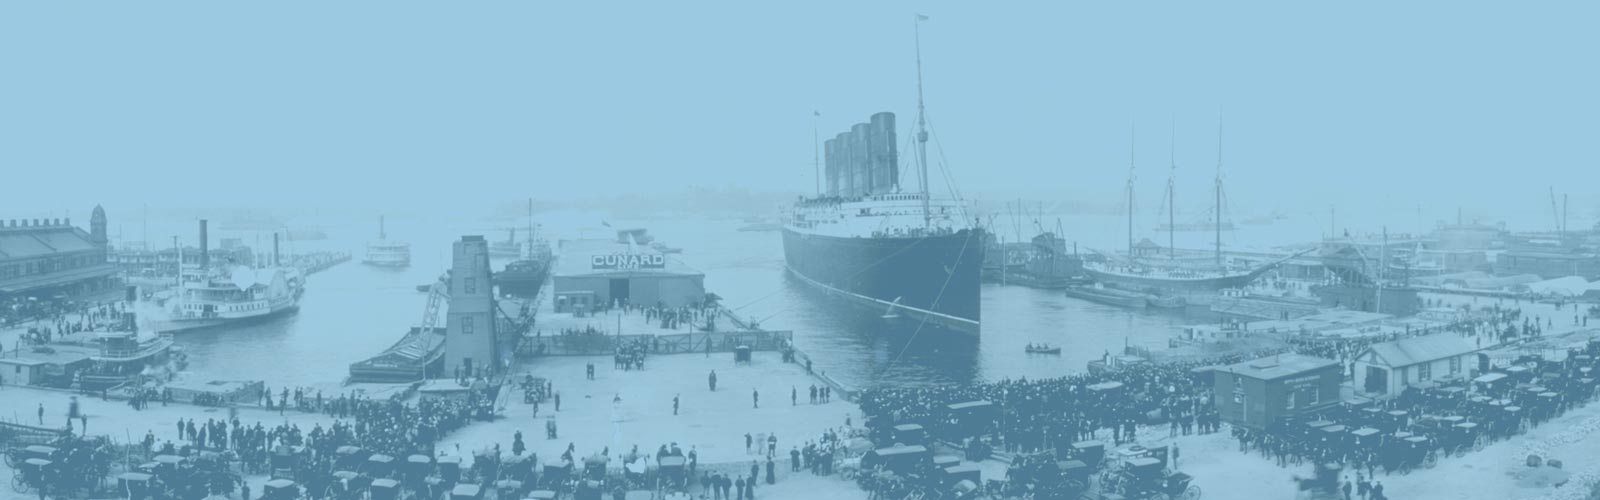 lusitania-2015-sld